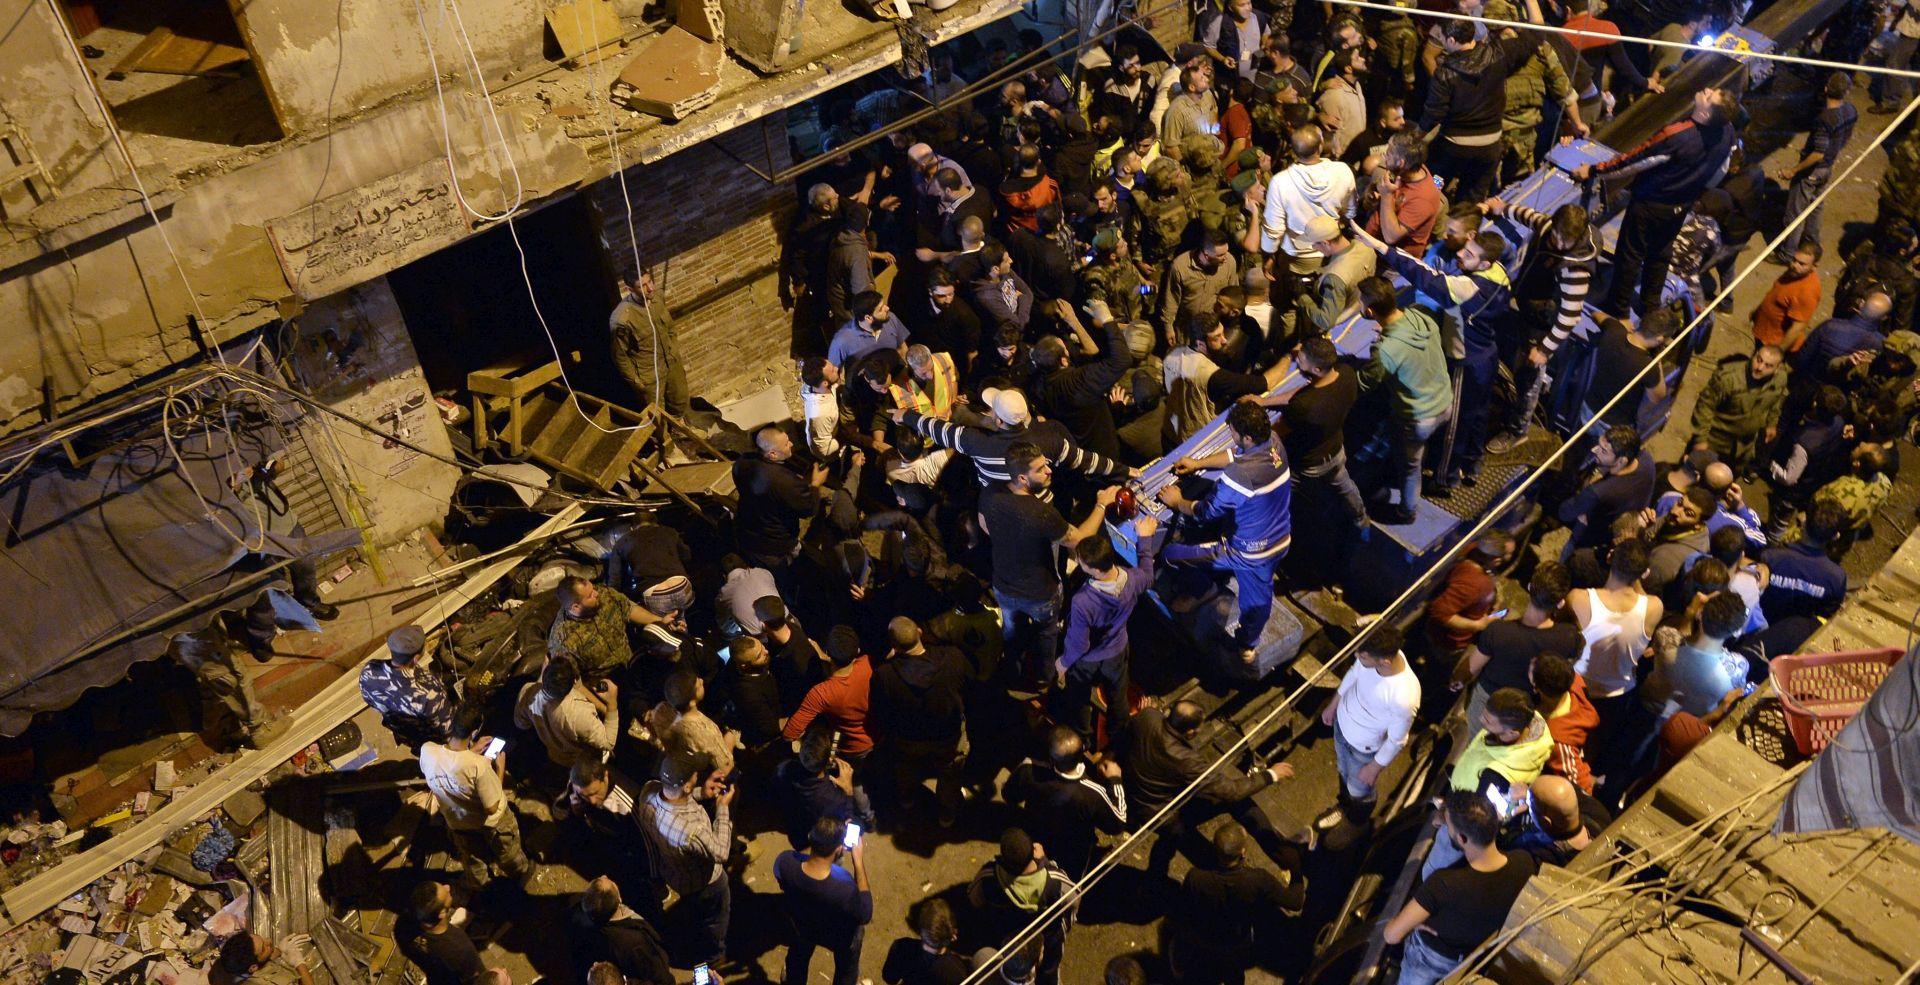 ODGOVORNOST PREUZELA ISLAMSKA DRŽAVA Najmanje 37 mrtvih u dvije eksplozije u Bejrutu